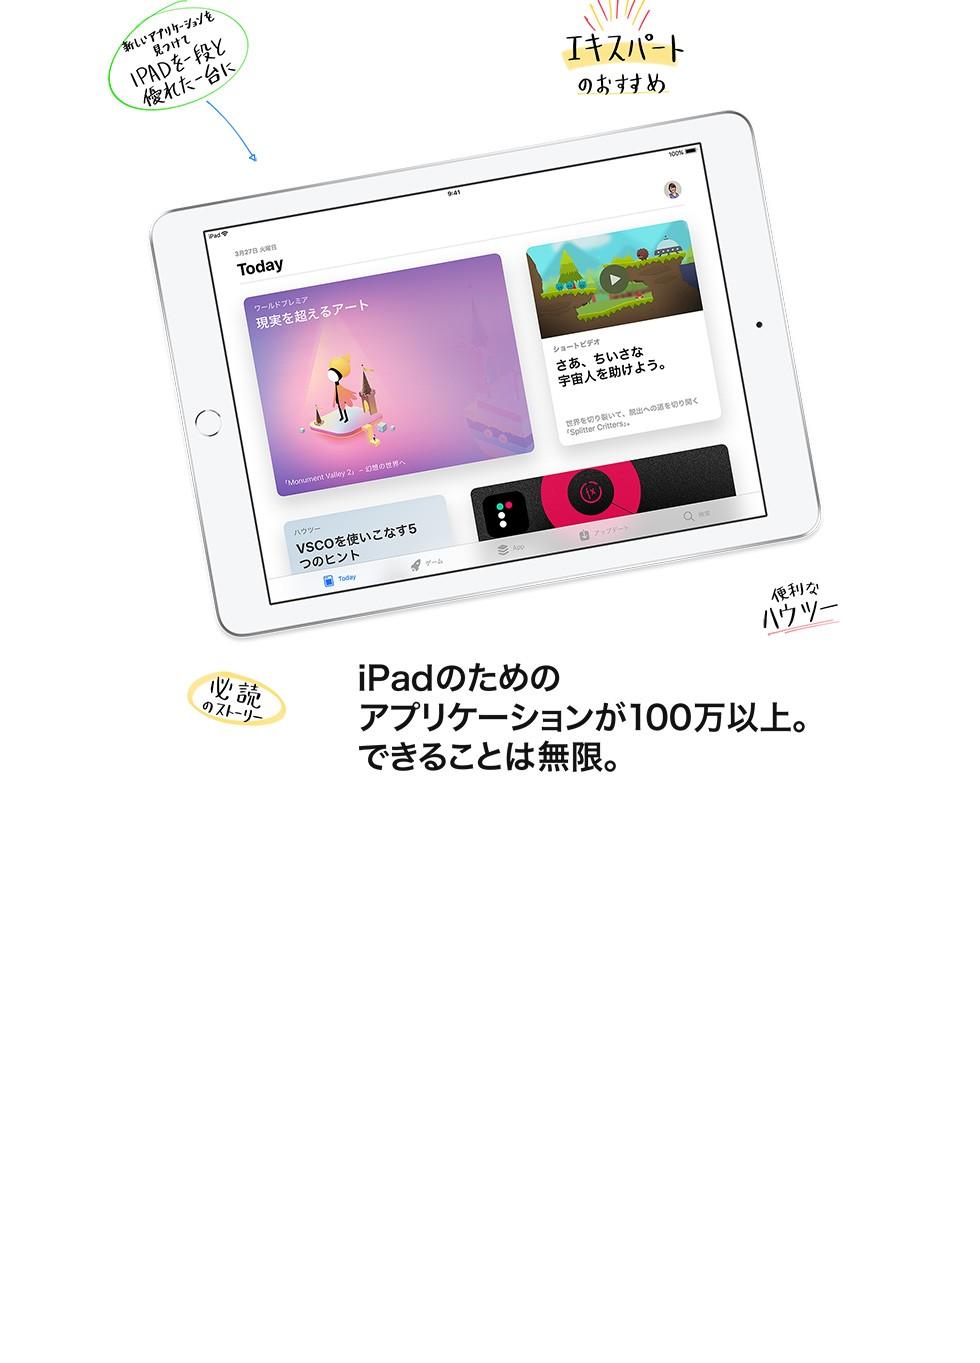 iPadのためのアプリケーションが100万以上。できることは無限。